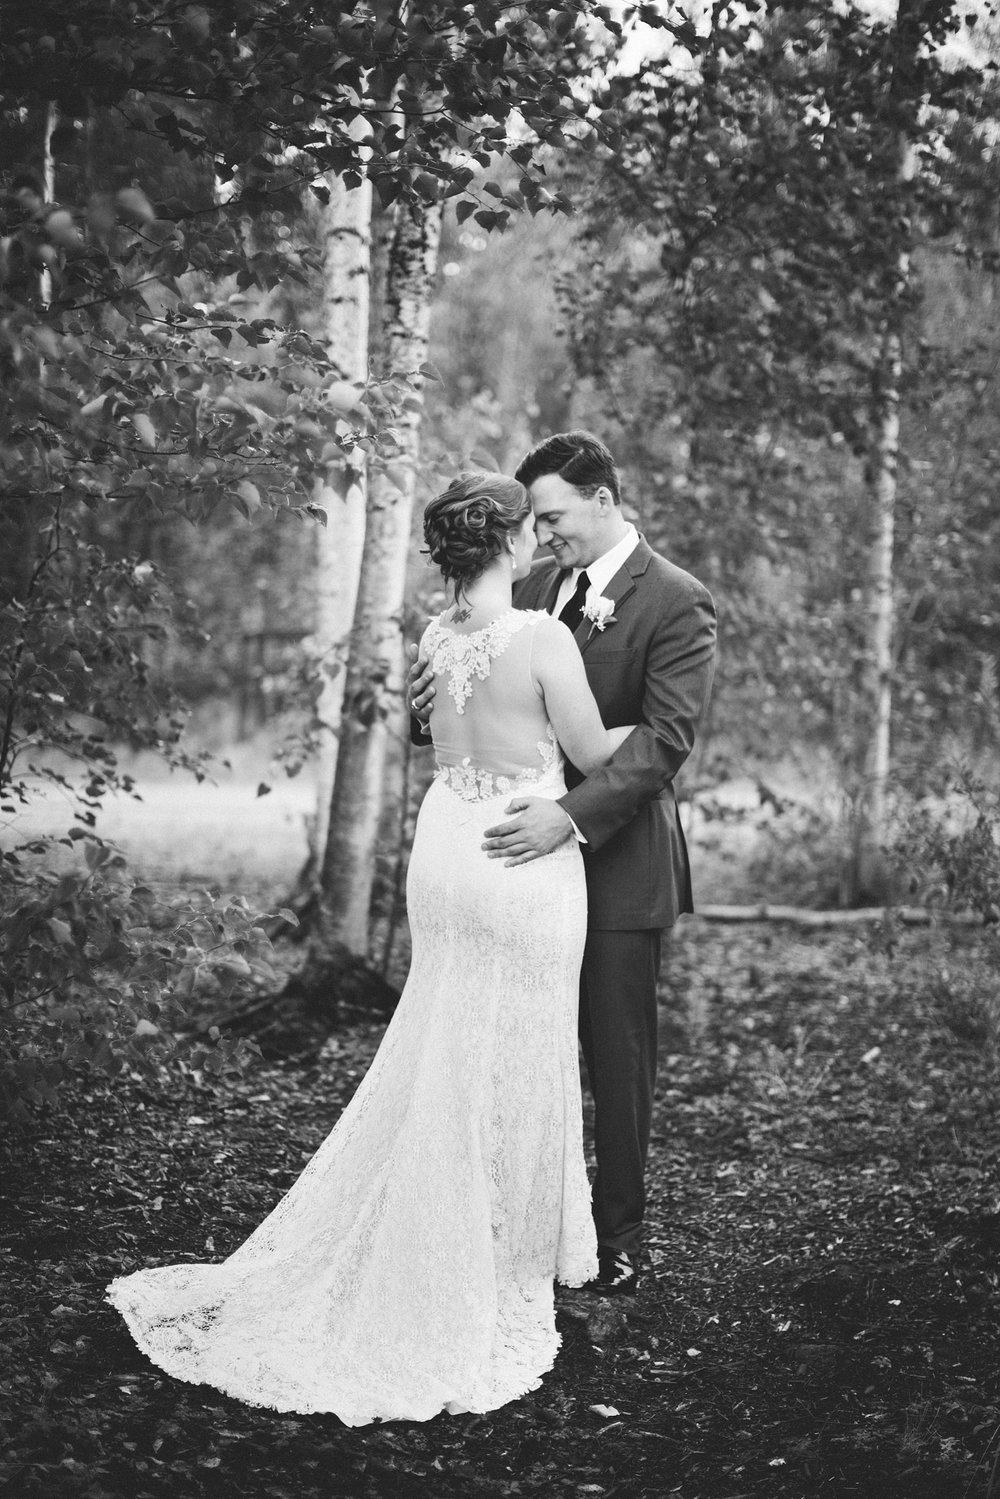 alaska-elopement-wedding-destination-photographer_0017.jpg